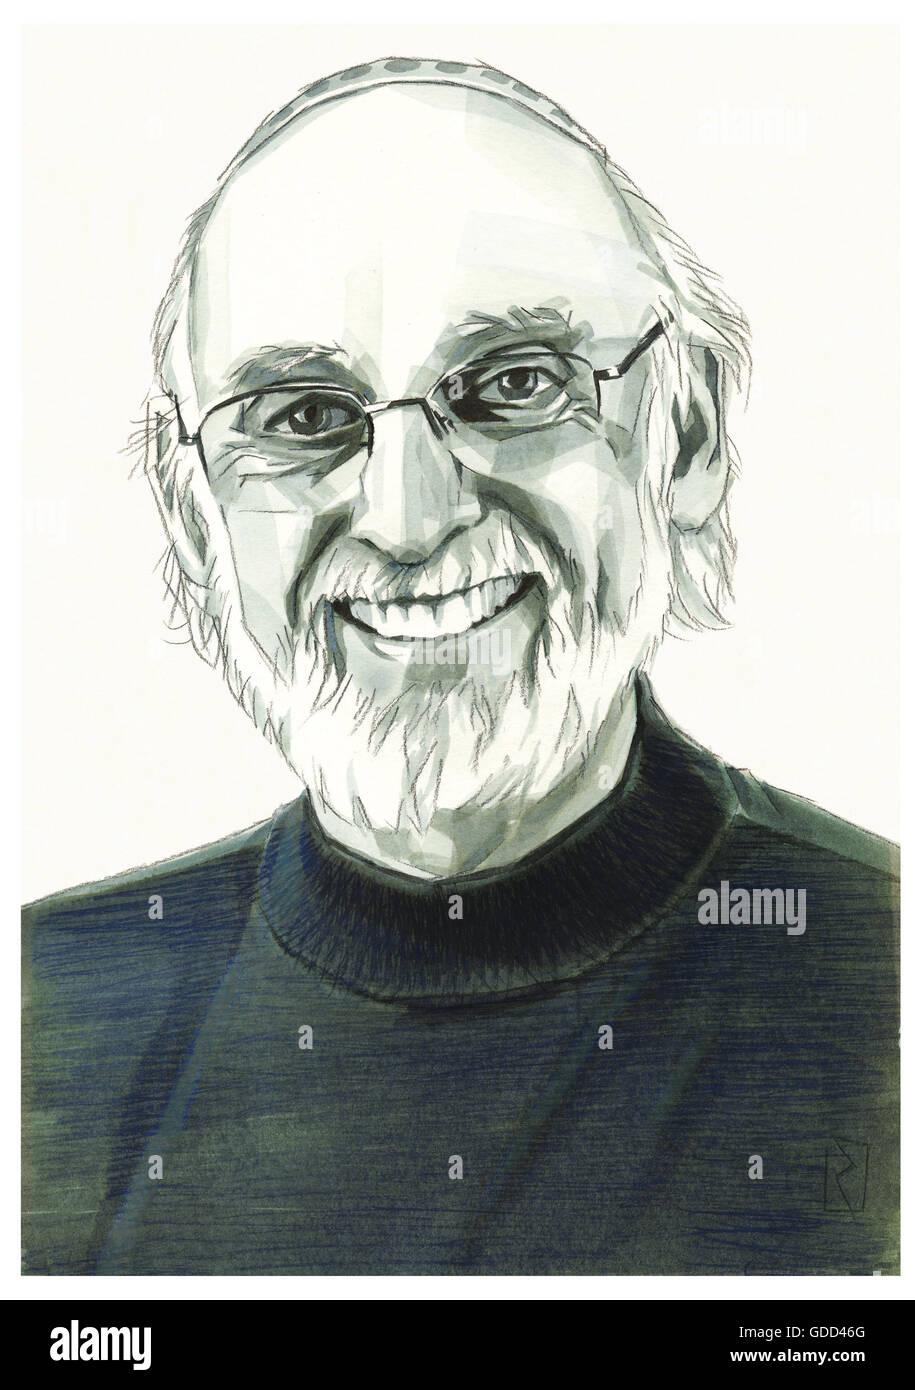 John Gottman, Mordechai, * 1942, le scientifique américain (psychologue), portrait, dessin monochrome par Jan Rieckhoff, 20.6.2007, l'artiste déjà dédouanés par INTERFOTO Auteur, aucun espace supplémentaire nécessaire Banque D'Images